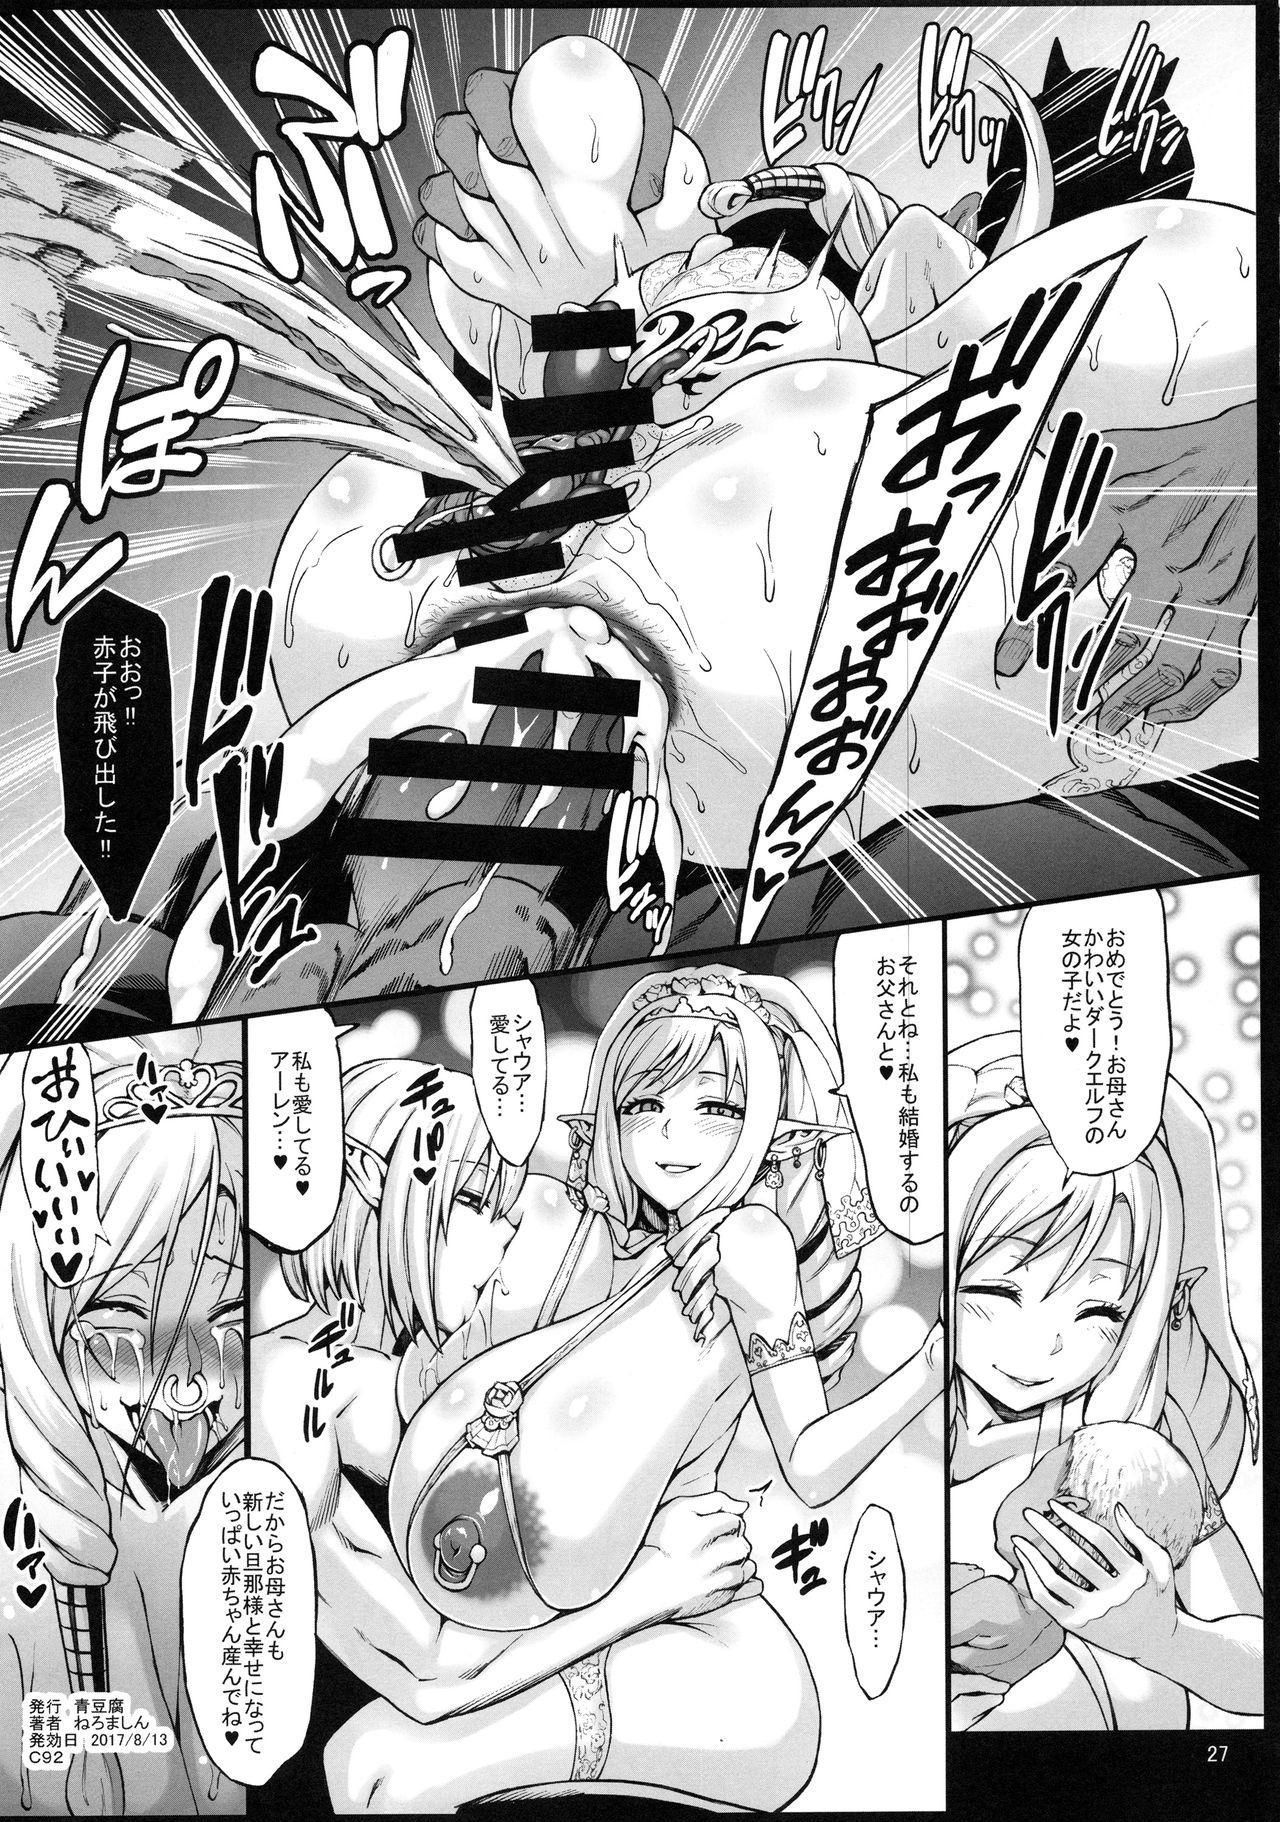 Houjou no Reizoku Elf 5 + Omake no Matome Sono 2 27